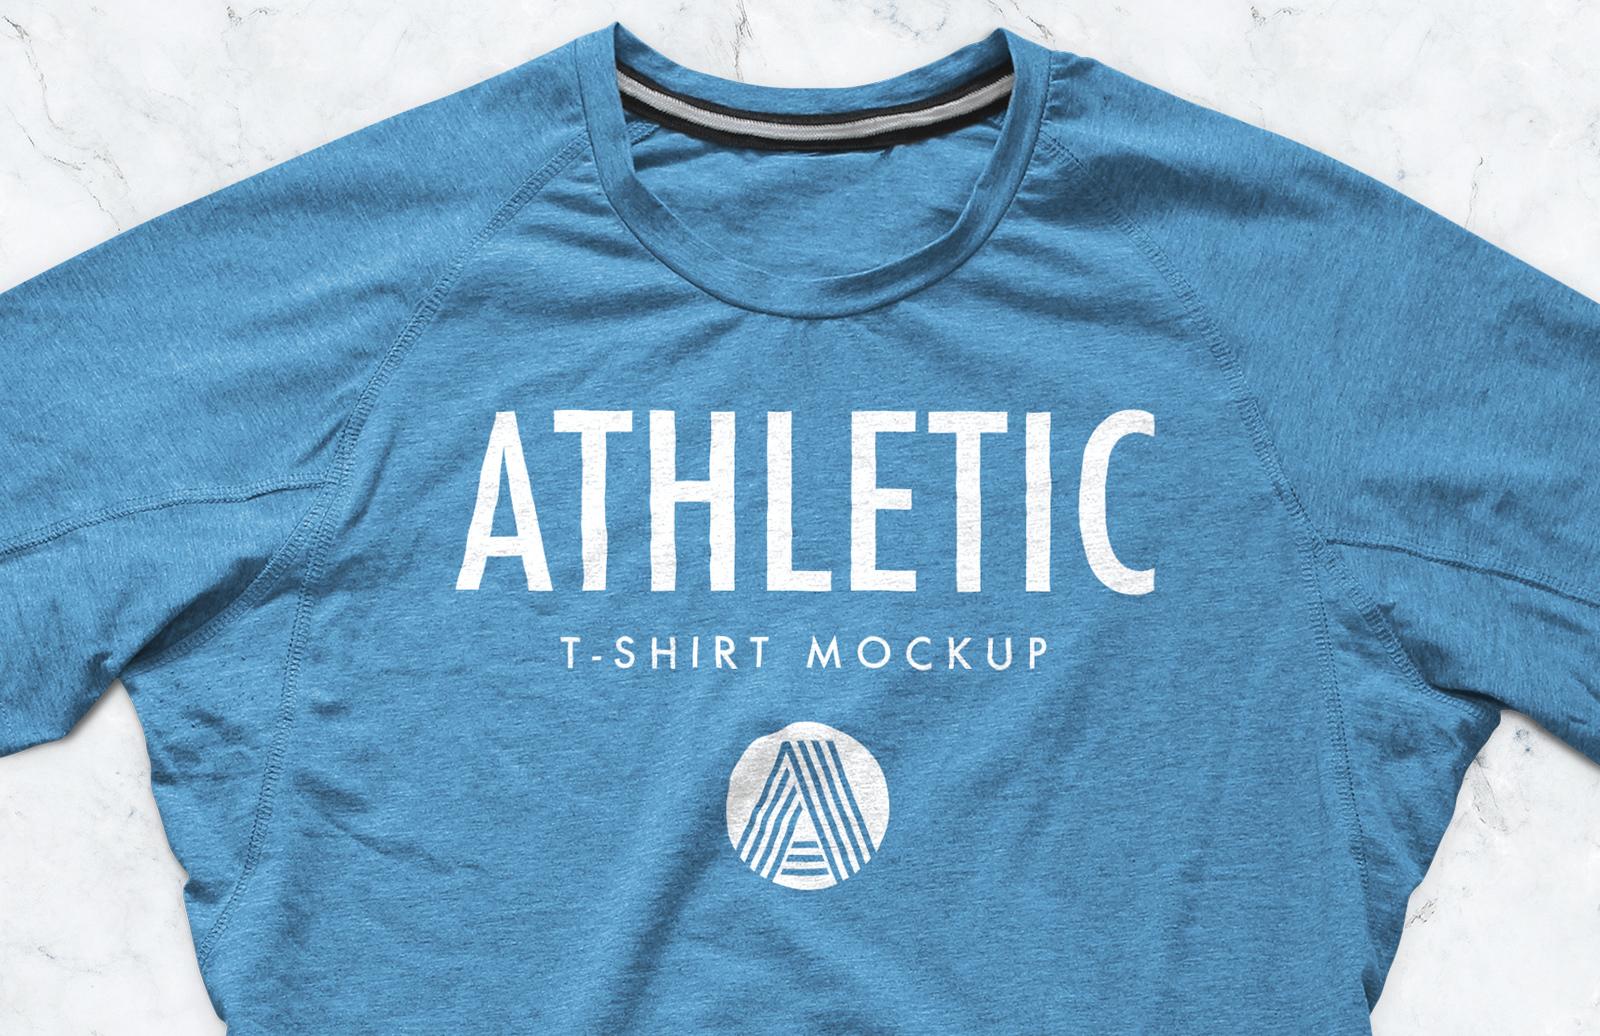 Athletic T-Shirt Mockup PSD